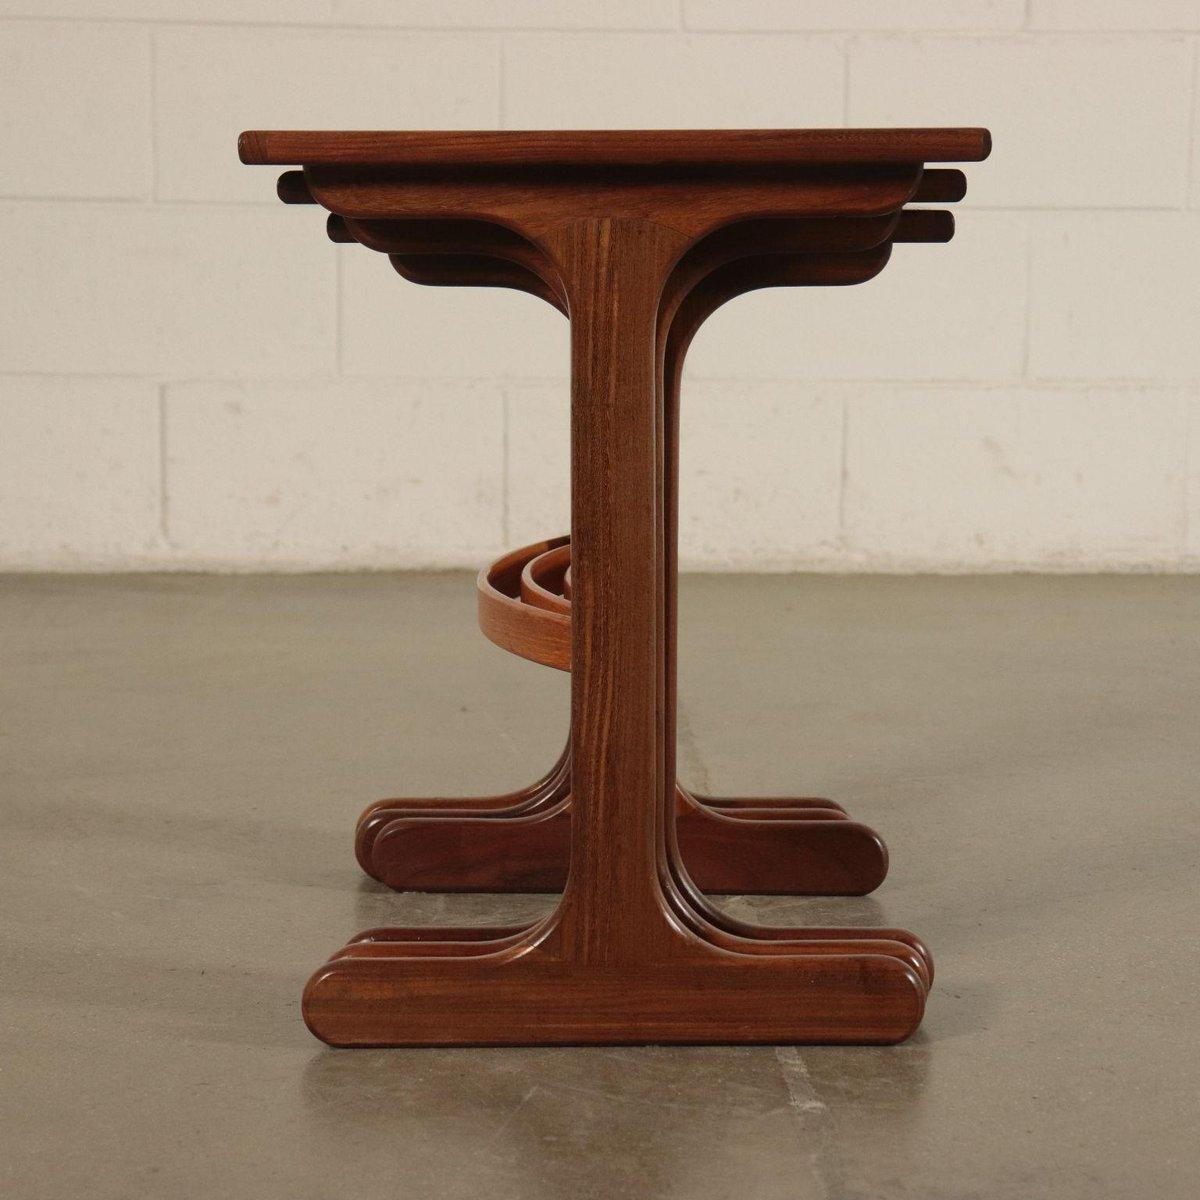 Solid Wood and Teak Veneer Coffee Table from G-Plan, 1960s ...